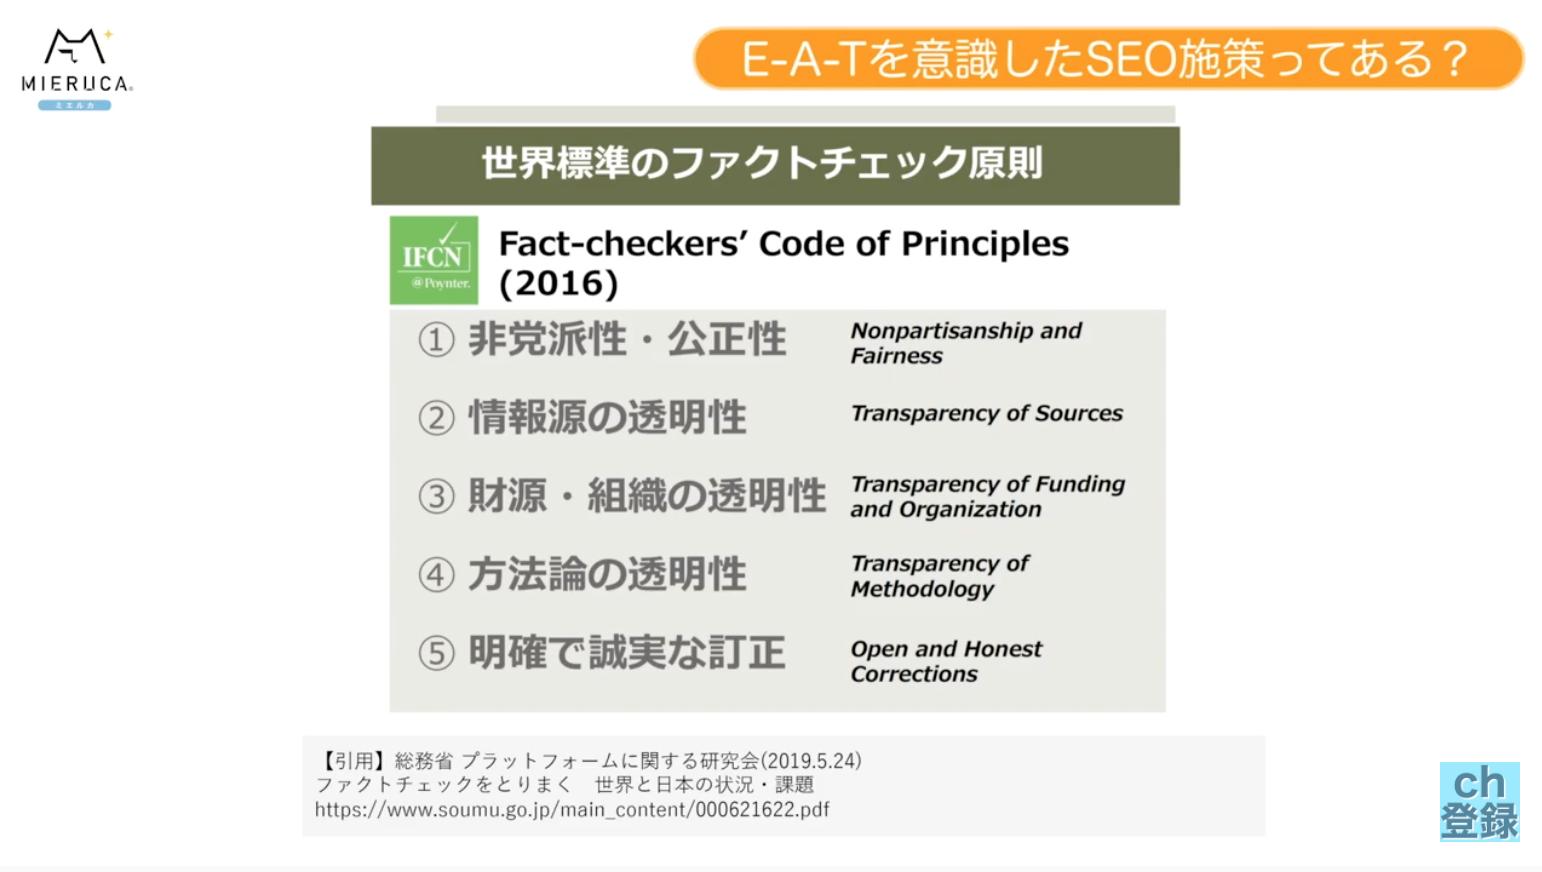 総務省 プラットフォームに関する研究会(2019.5.24)